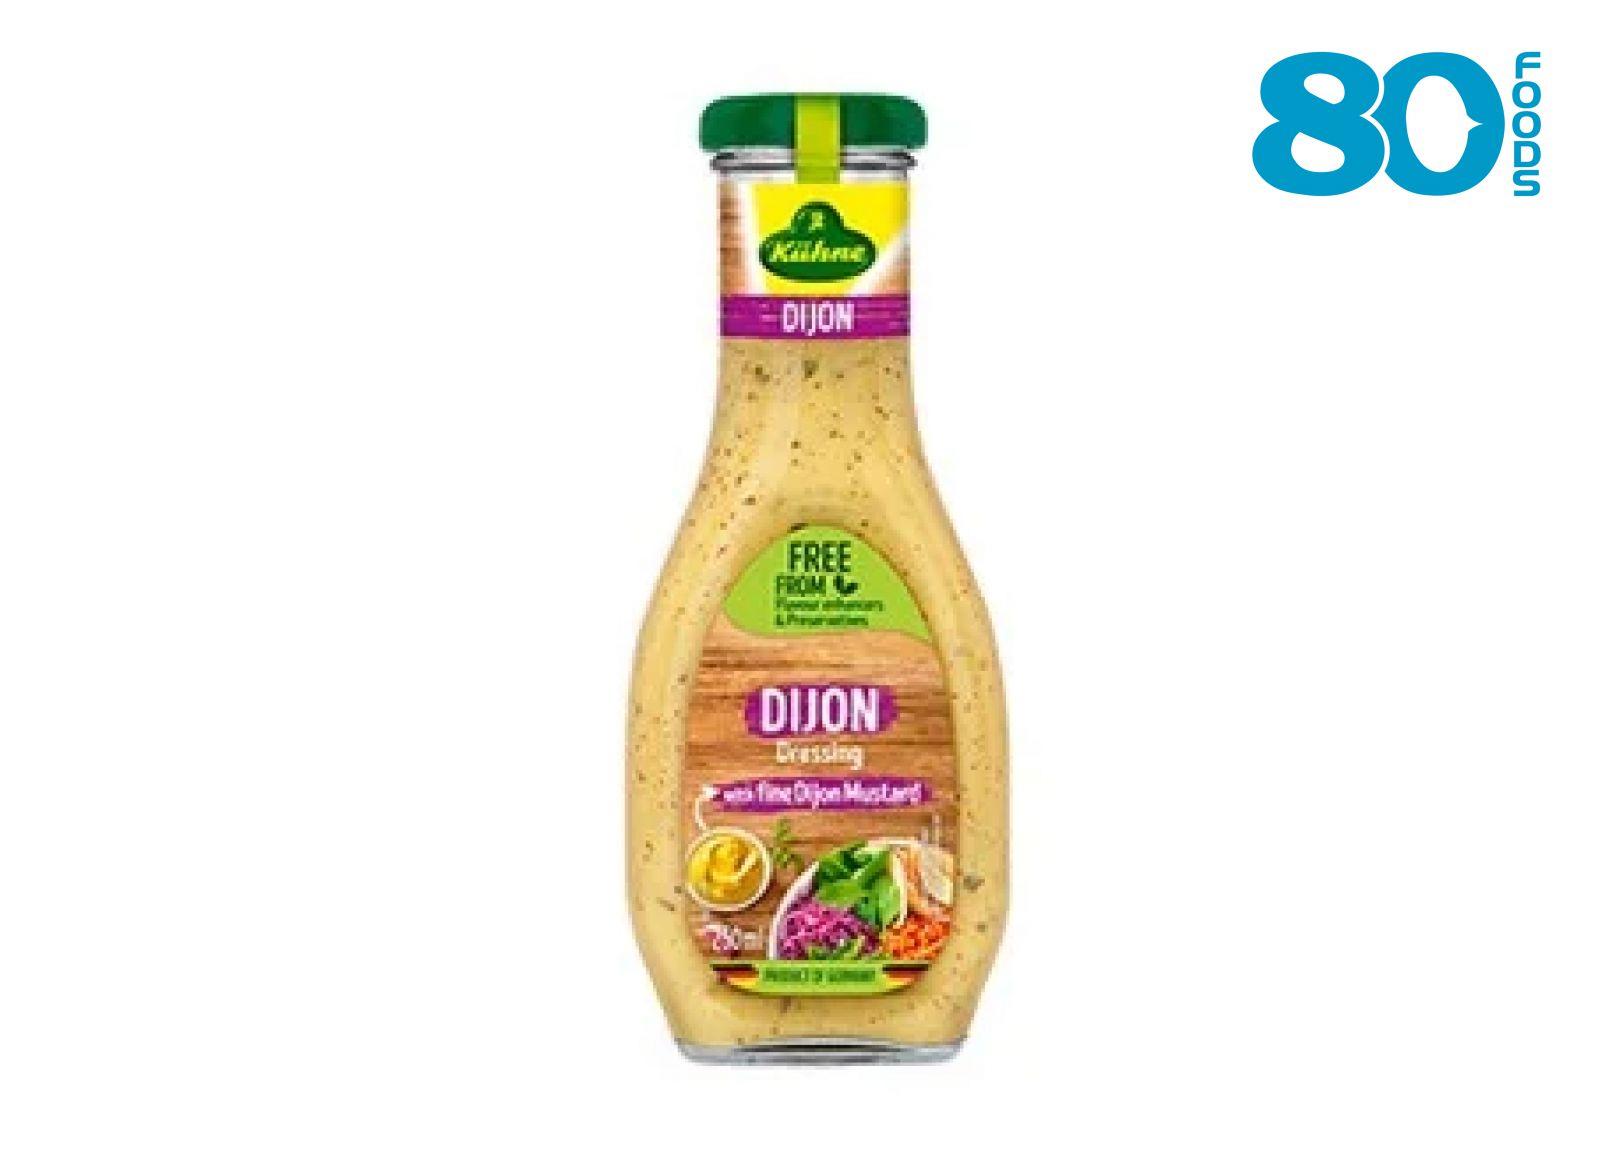 Sốt trộn Salad vị mù tạt Dijon kiểu pháp Kuhne